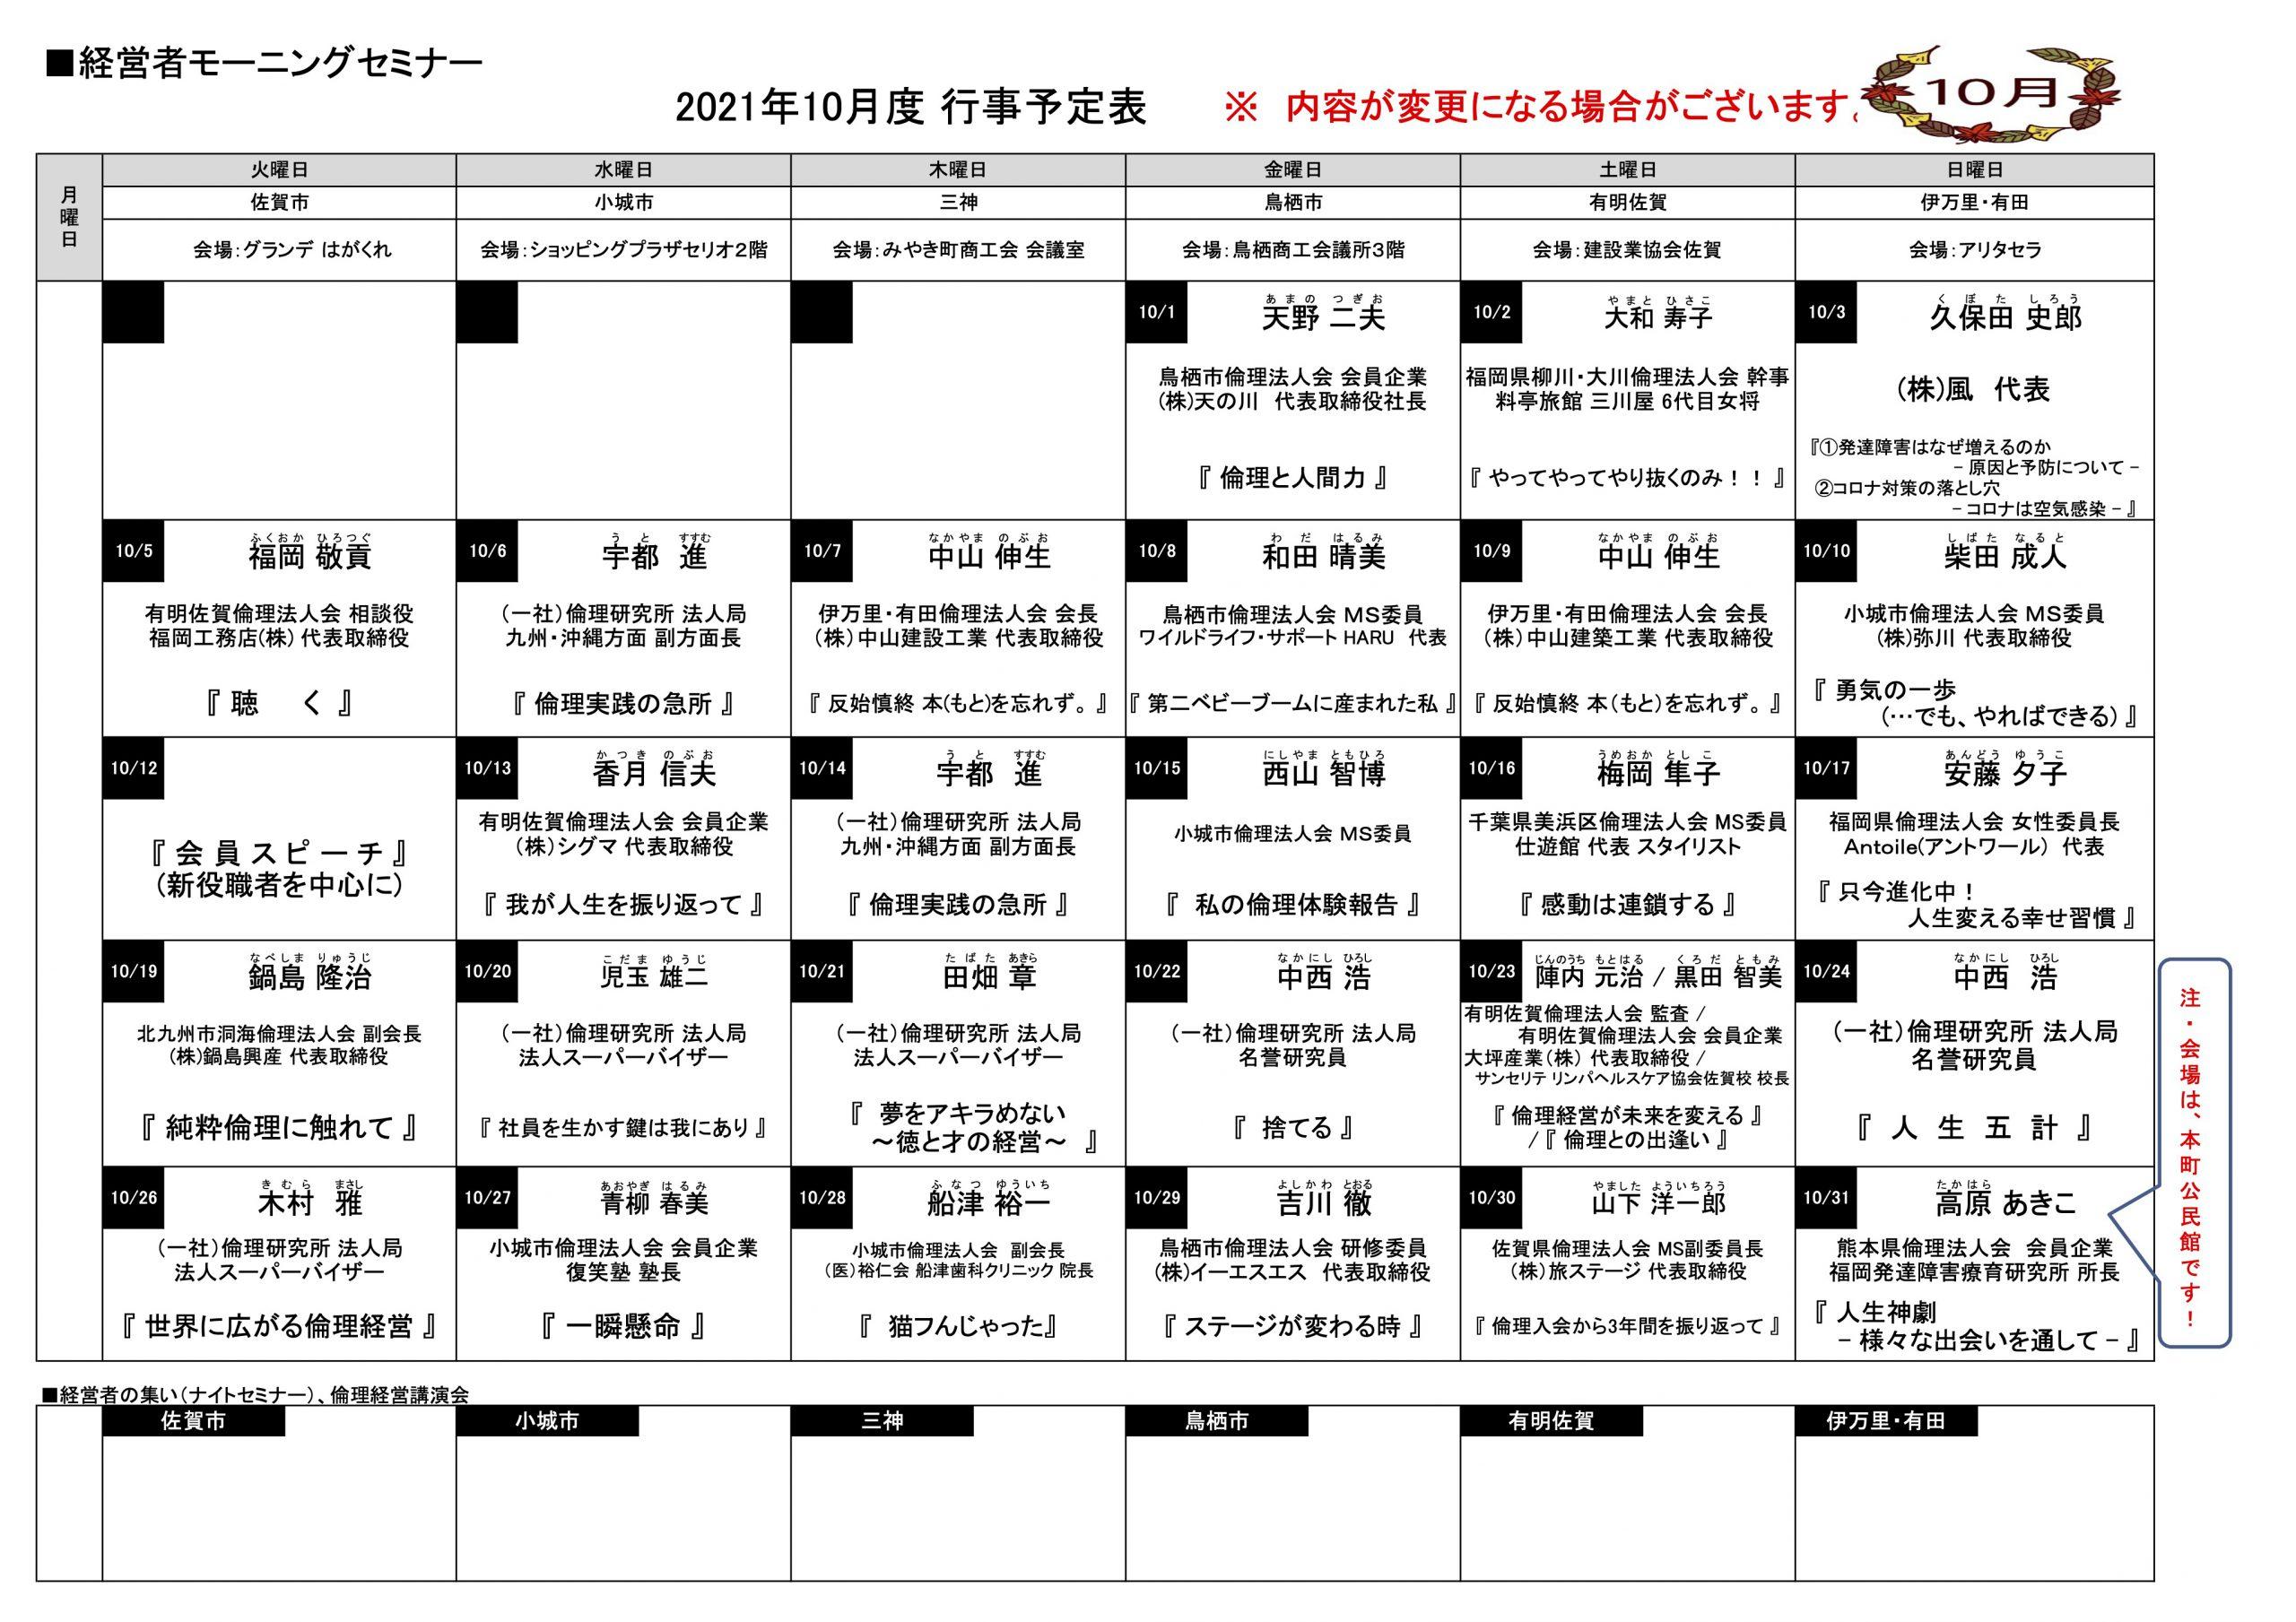 佐賀県倫理法人会 2021年10月度 行事予定表